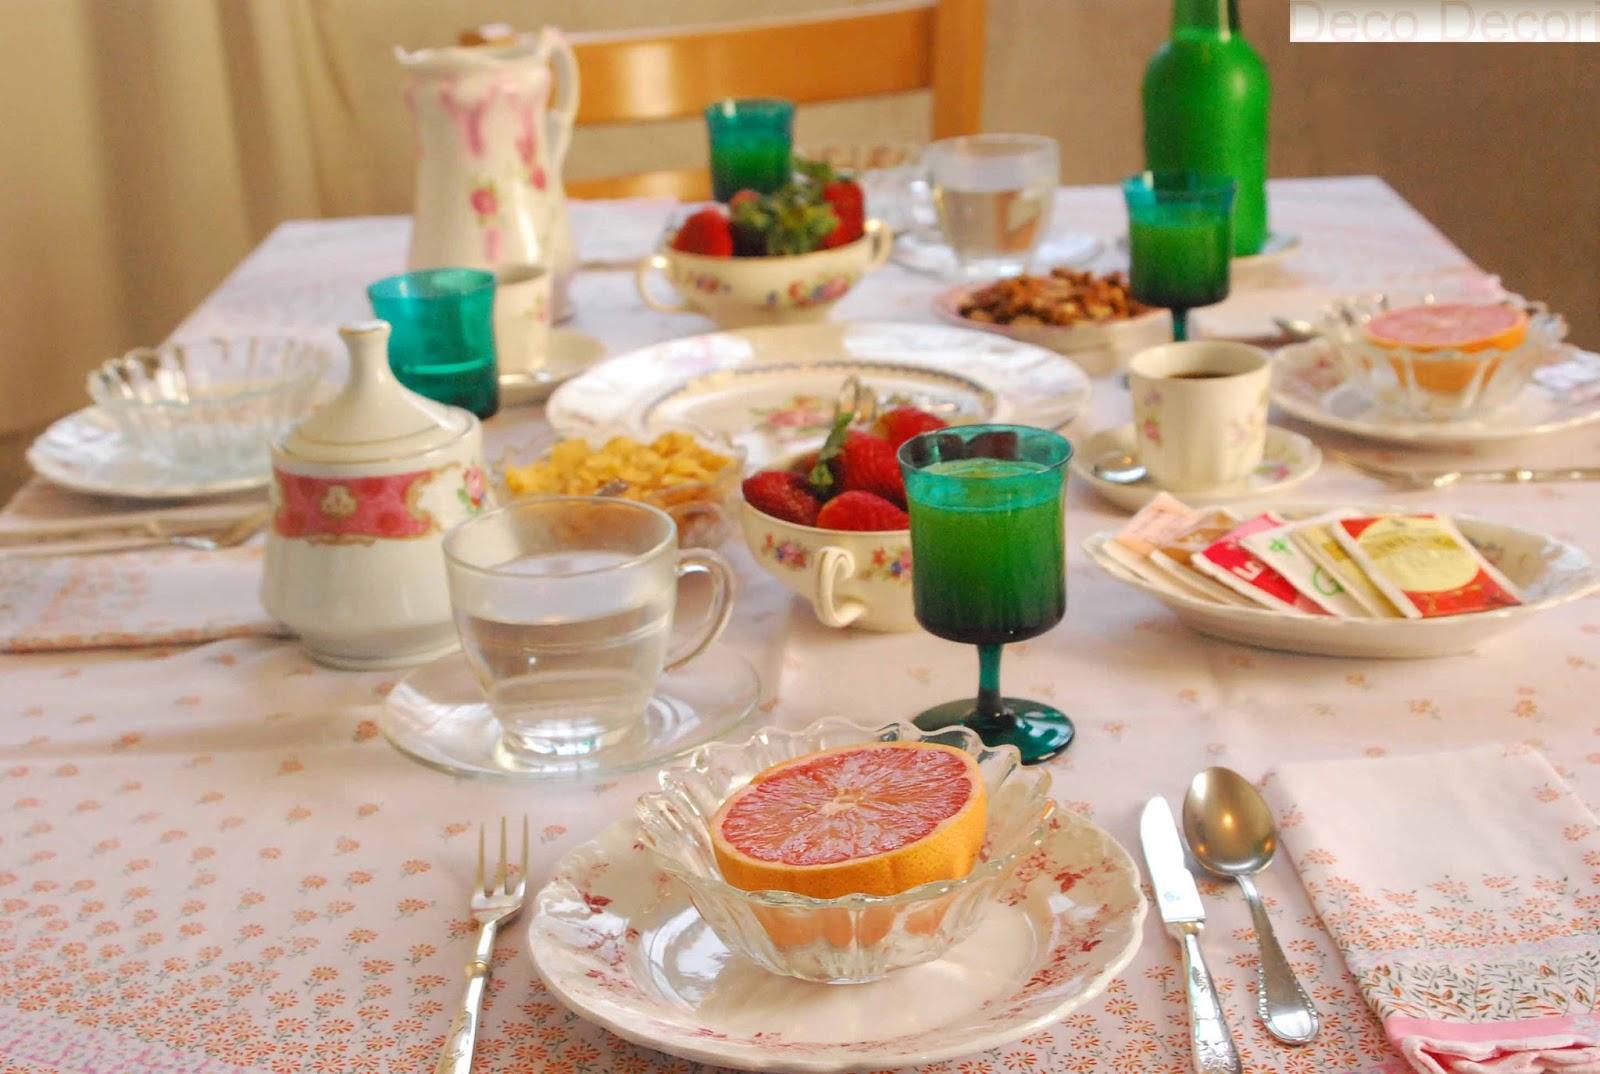 Mesa de desayuno - Mesas de desayuno ...